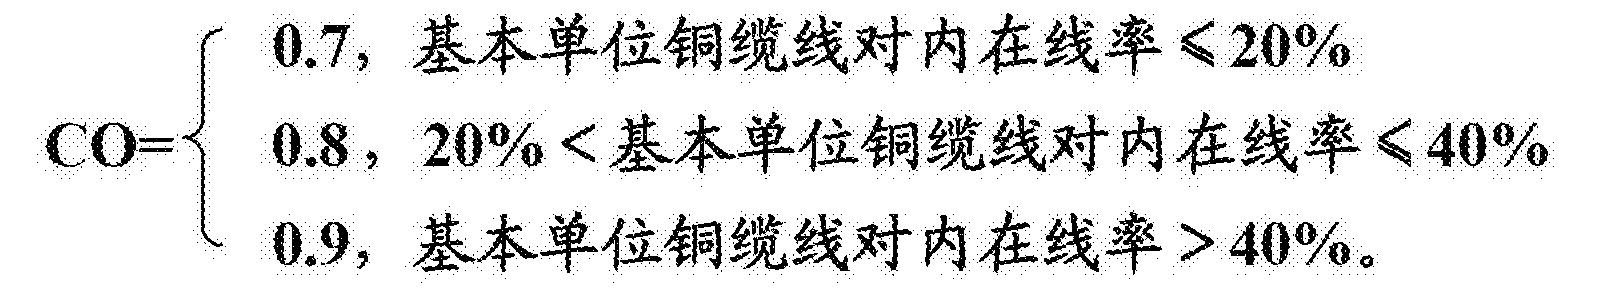 Figure CN104219172BD00111